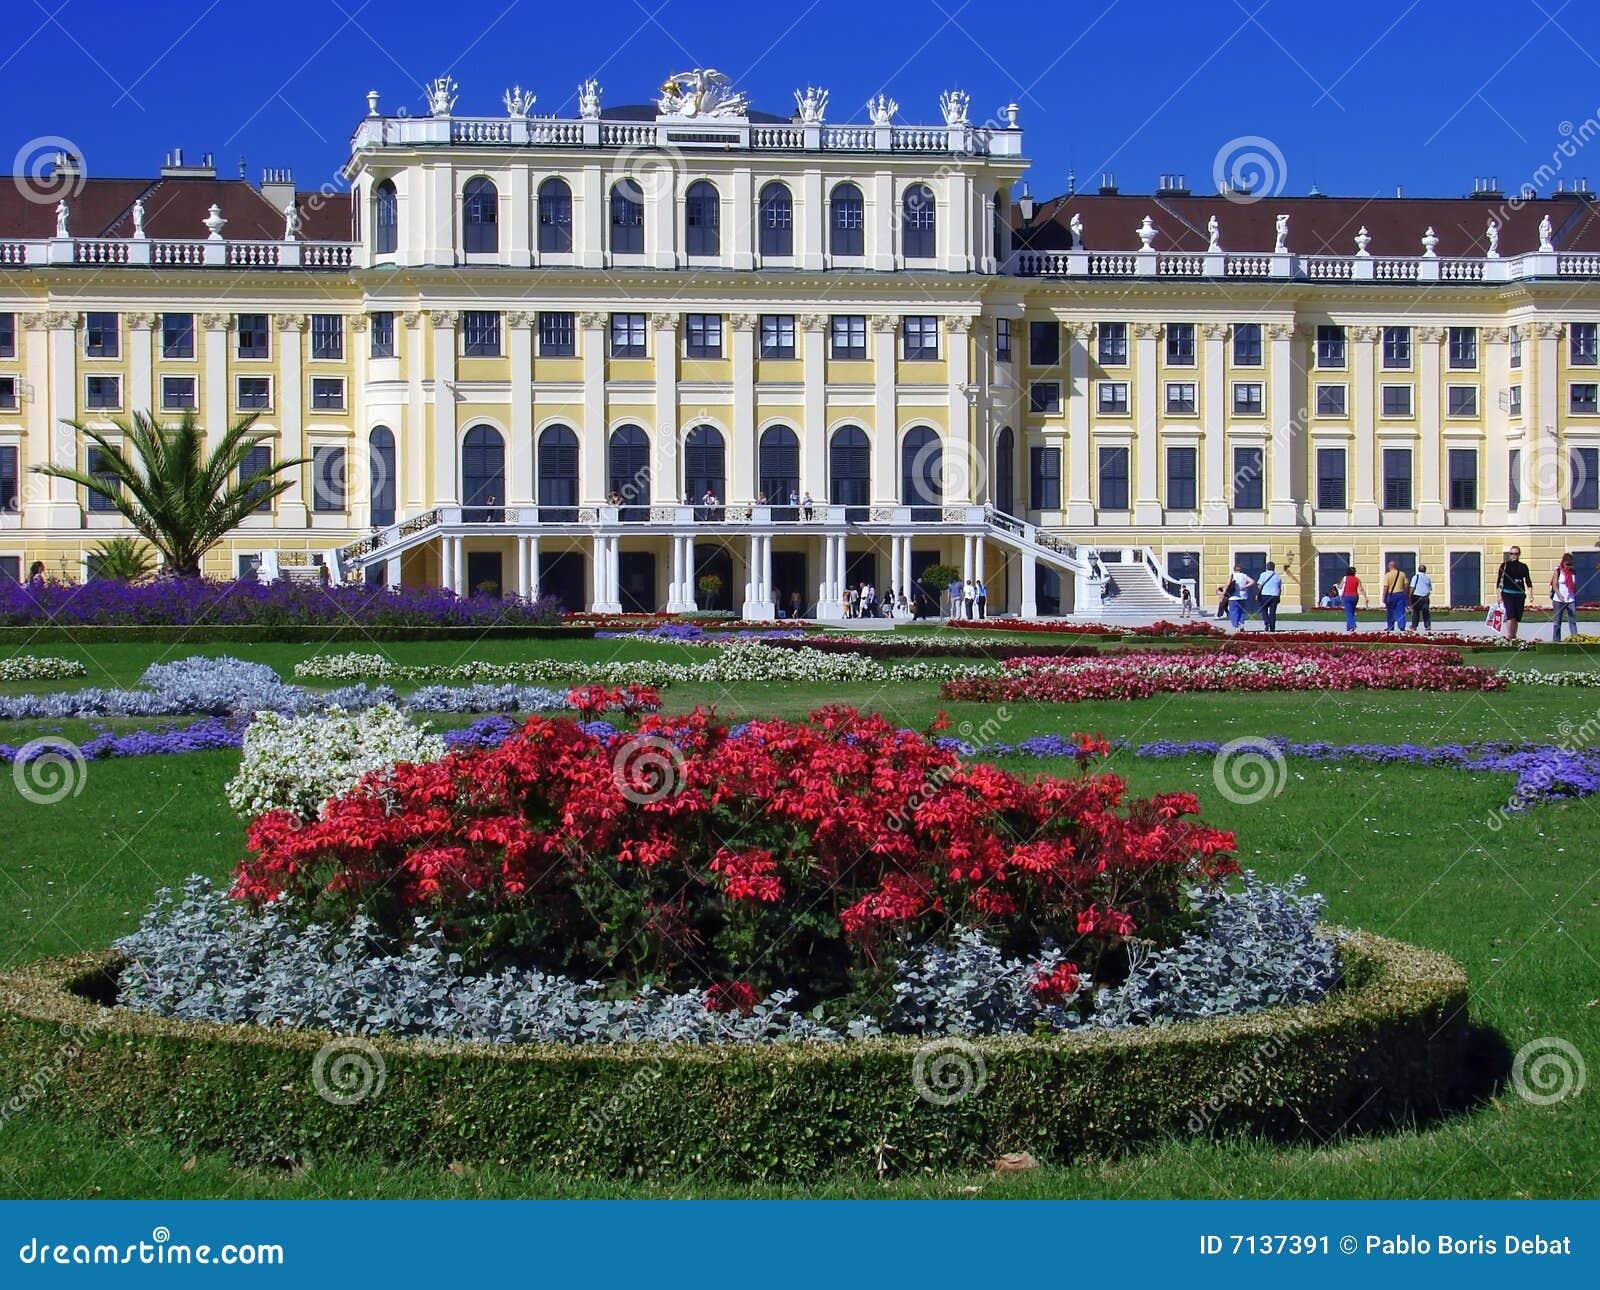 Giardini di fiori di schonbrunn e palazzo vienna - Giardini e fiori ...